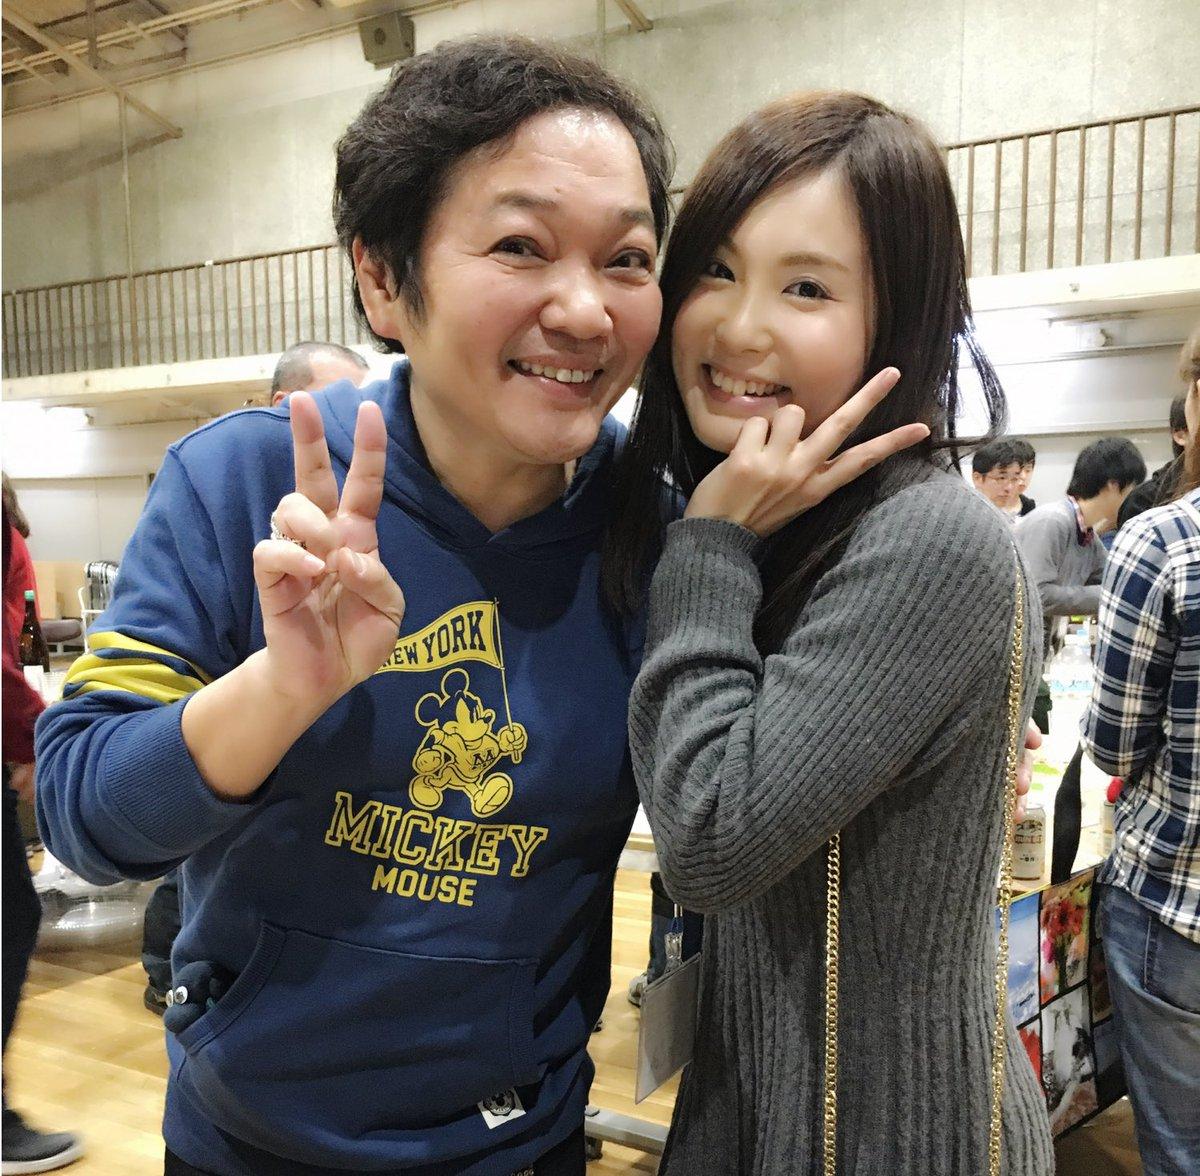 慰労会で久々に勝平さんと会ったよー!ペルソナ、ギガントシューターつかさ、まじっく快斗、デュラ、虹色デイズ、いろいろとご一